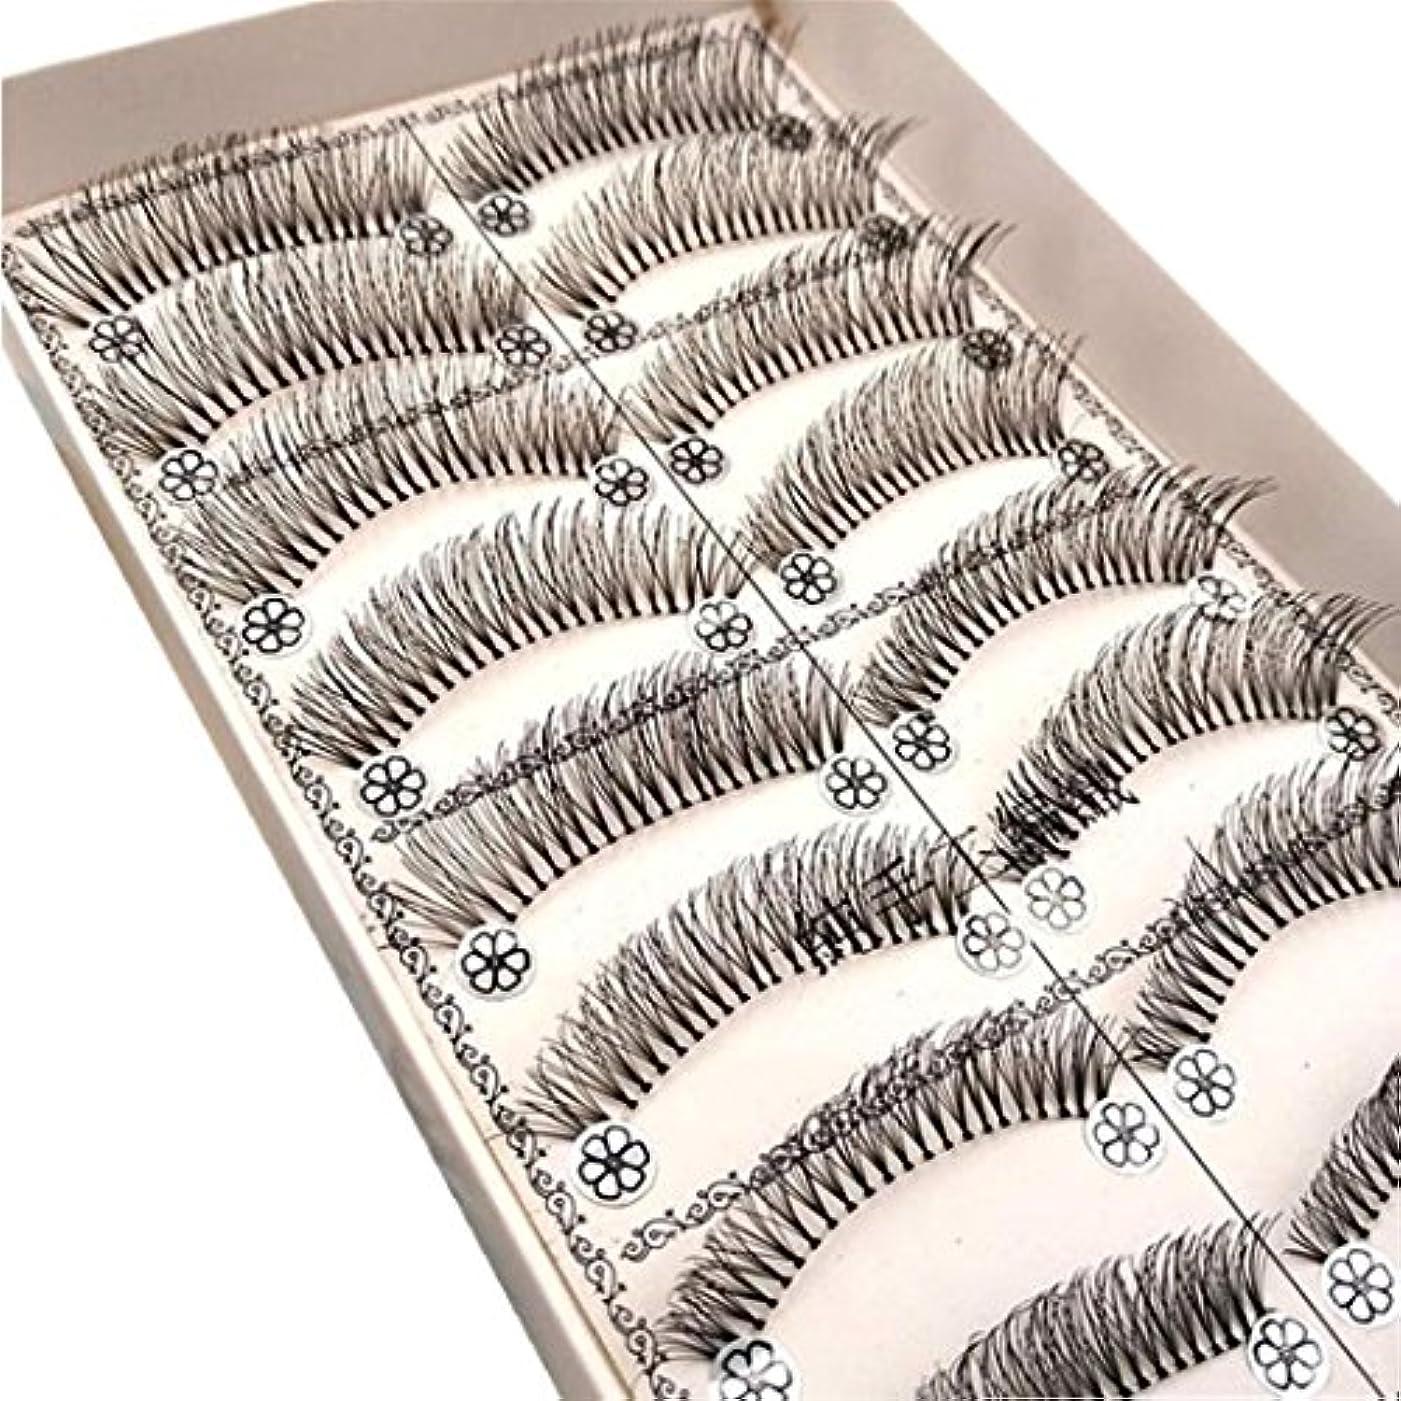 ピンチ旅行者偽Feteso 10組 偽のまつげセット つけまつげ 上まつげ Eyelashes アイラッシュ ビューティー まつげエクステ レディース 化粧ツール アイメイクアップ 人気 ナチュラル 飾り 再利用可能 濃密 柔らかい